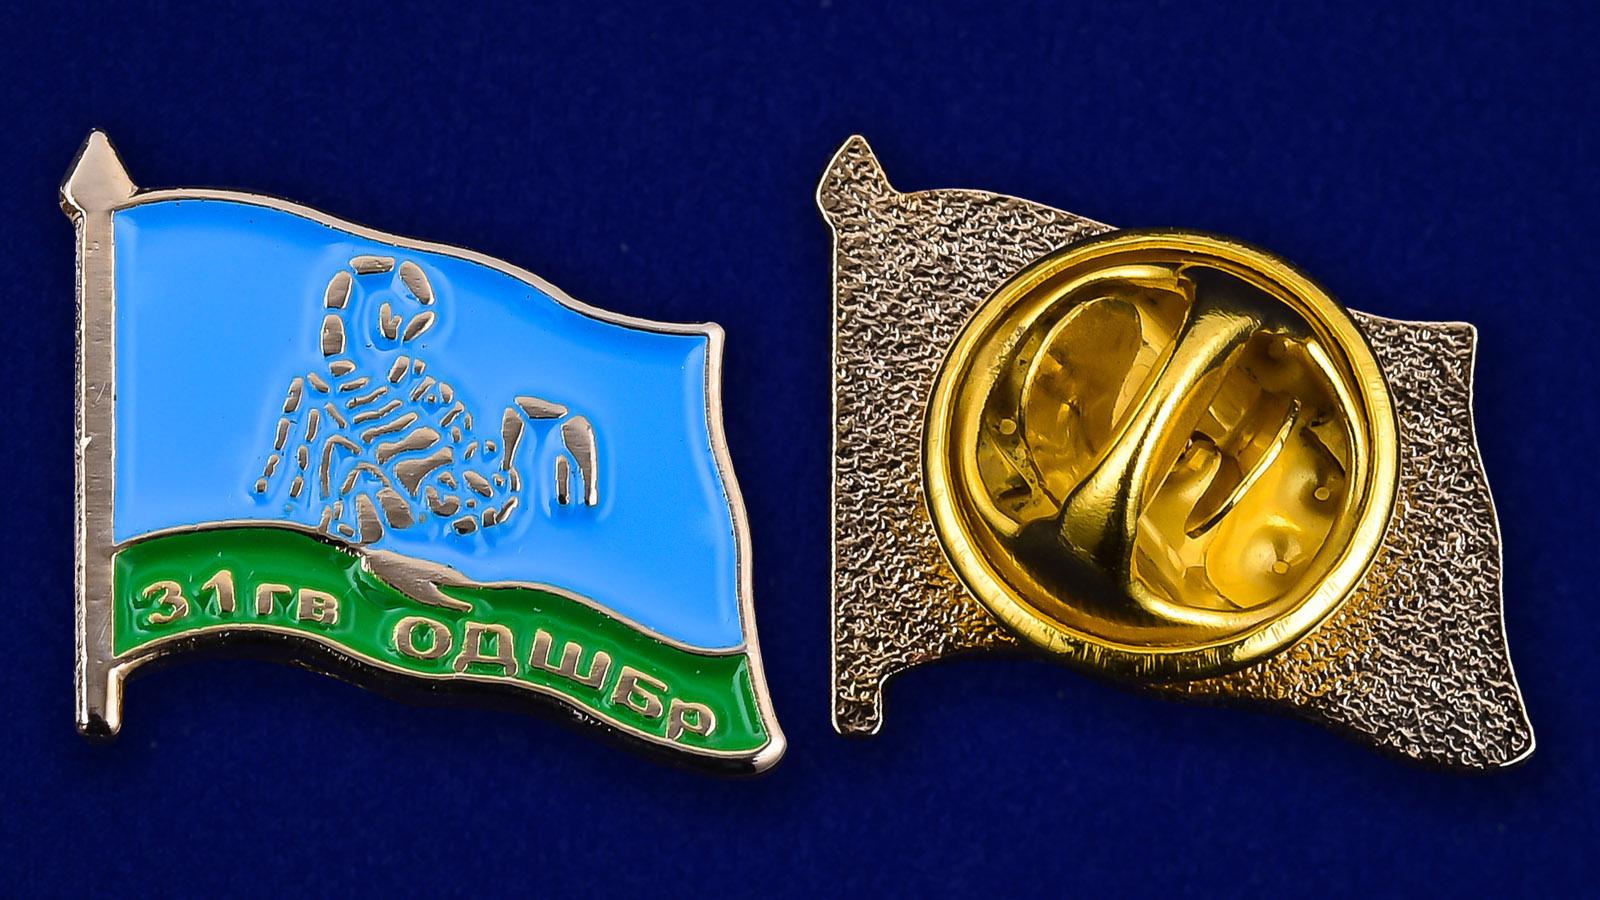 Стоимость значка ВДВ «31 гв. ОДШБр» всего 199 рублей